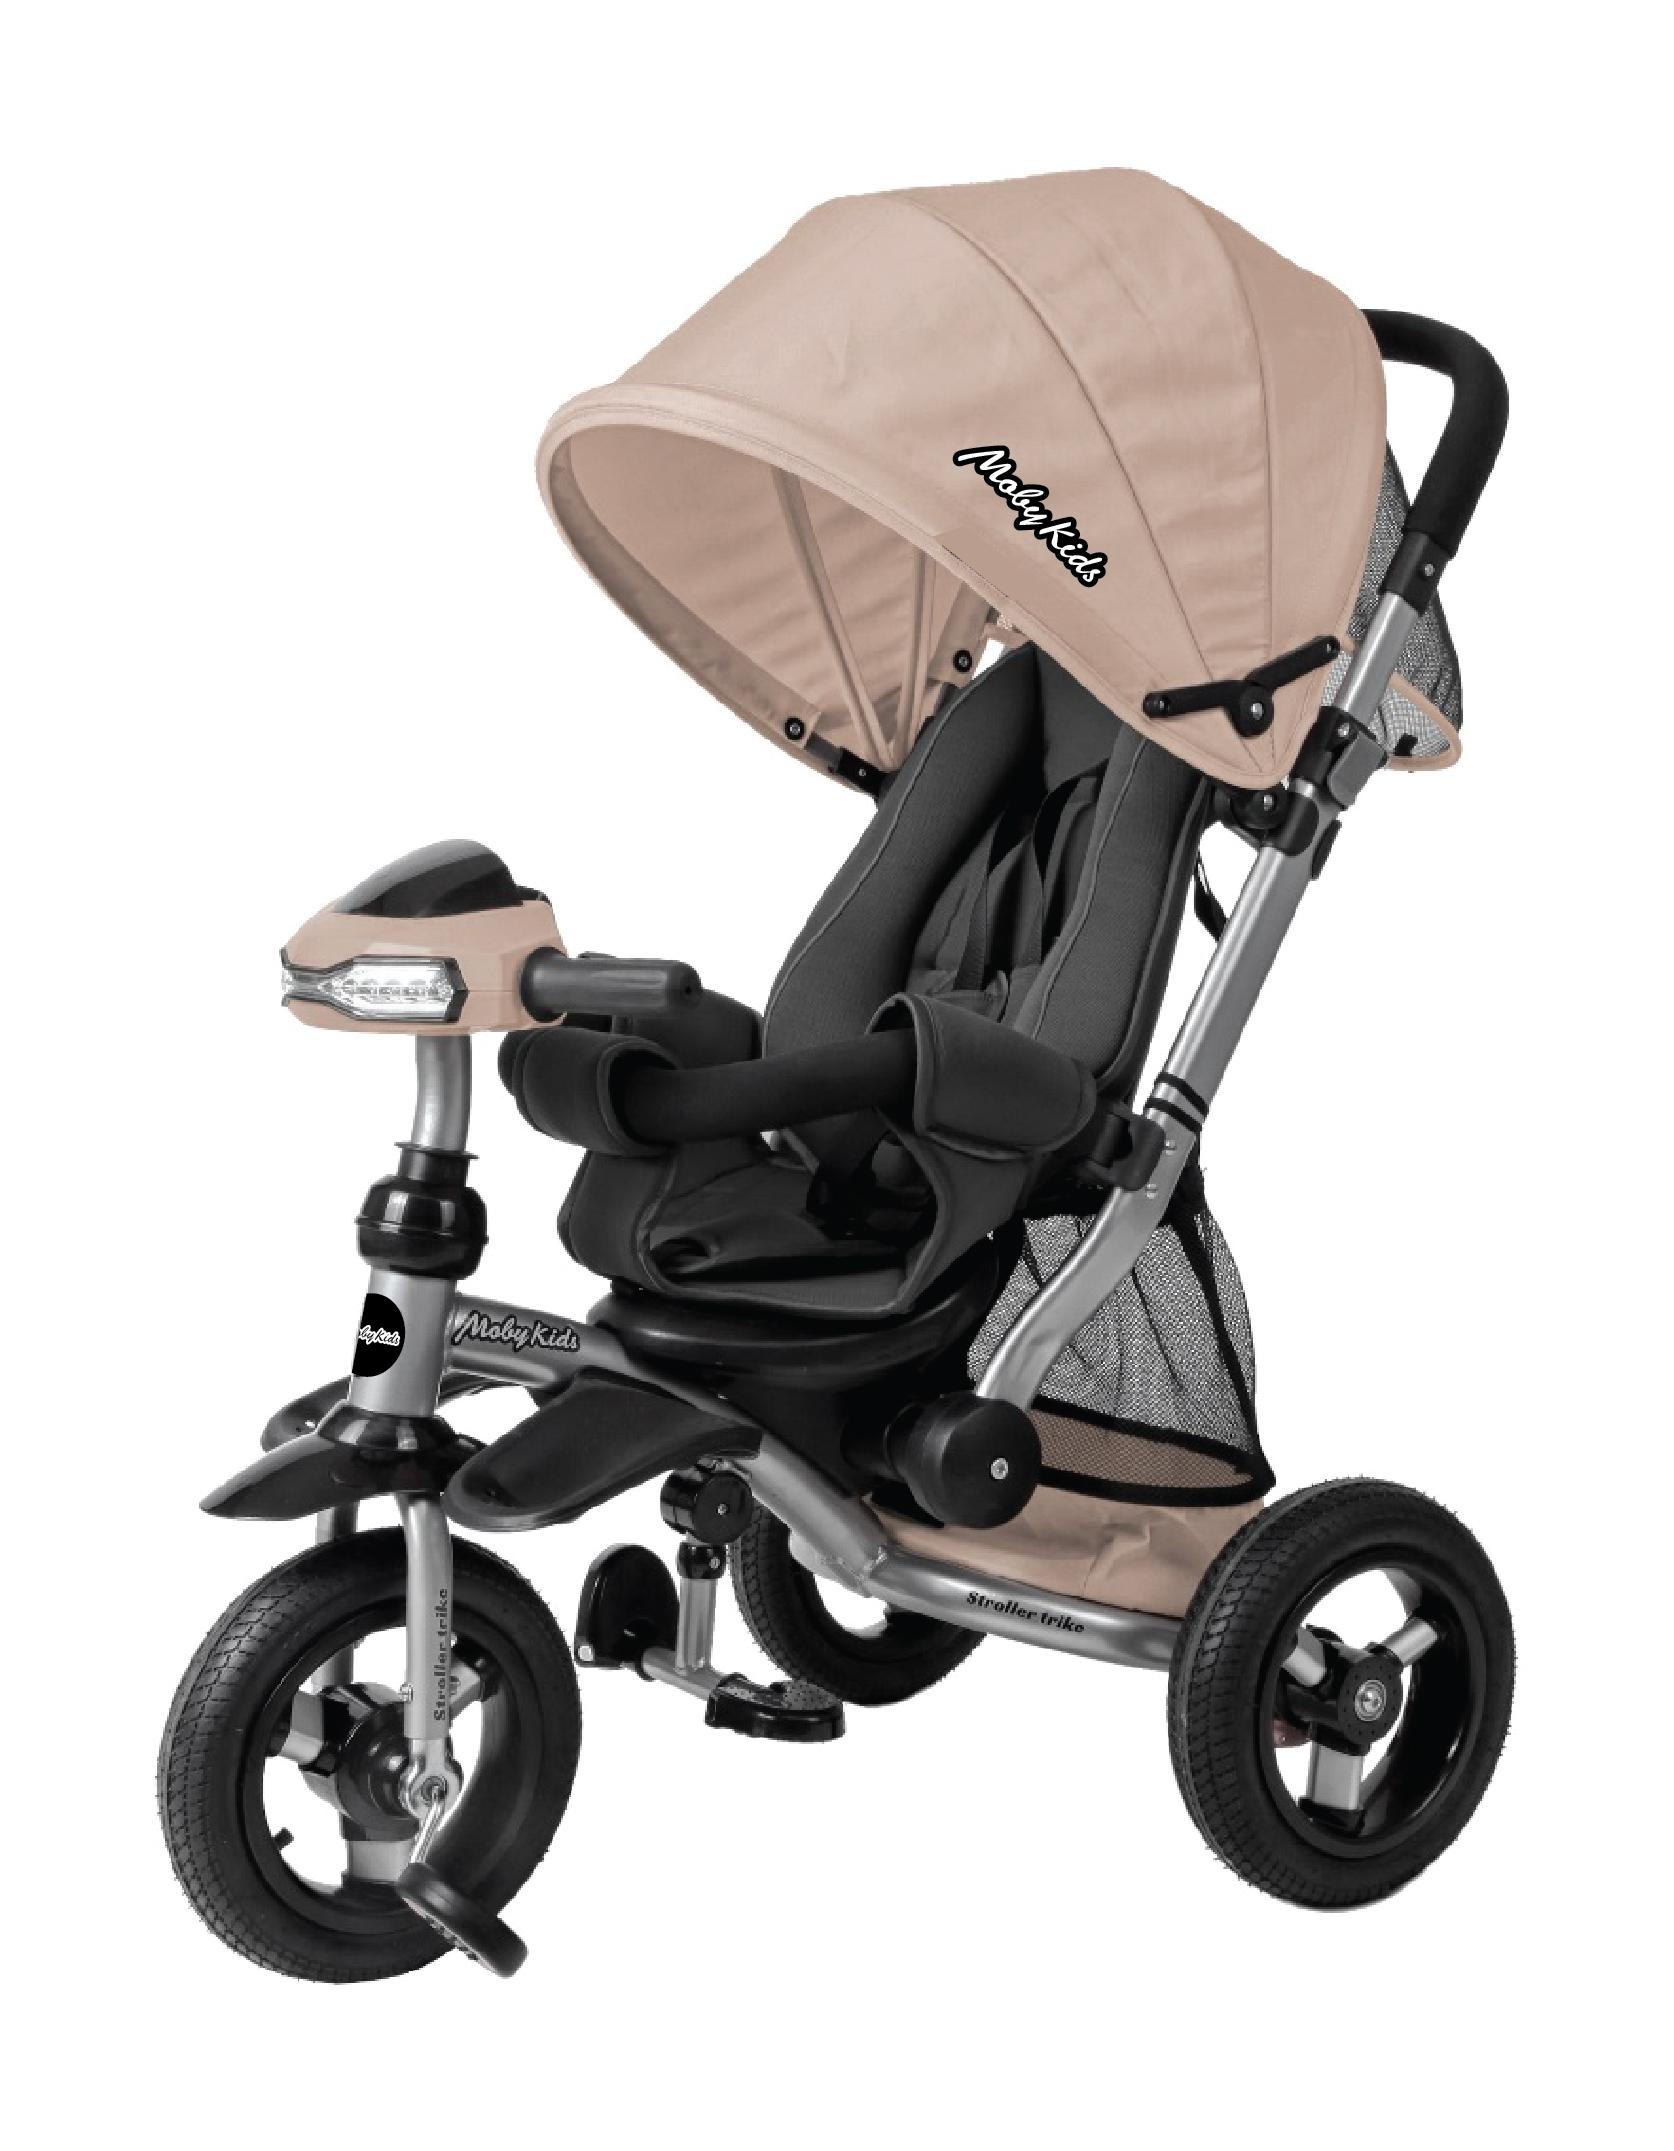 Купить Велосипед-коляска трехколесный Stroller trike AIR Car [641214], Moby kids, Бежевый, пластик, Резина, Металл, полипропилен, Велосипеды для взрослых и детей